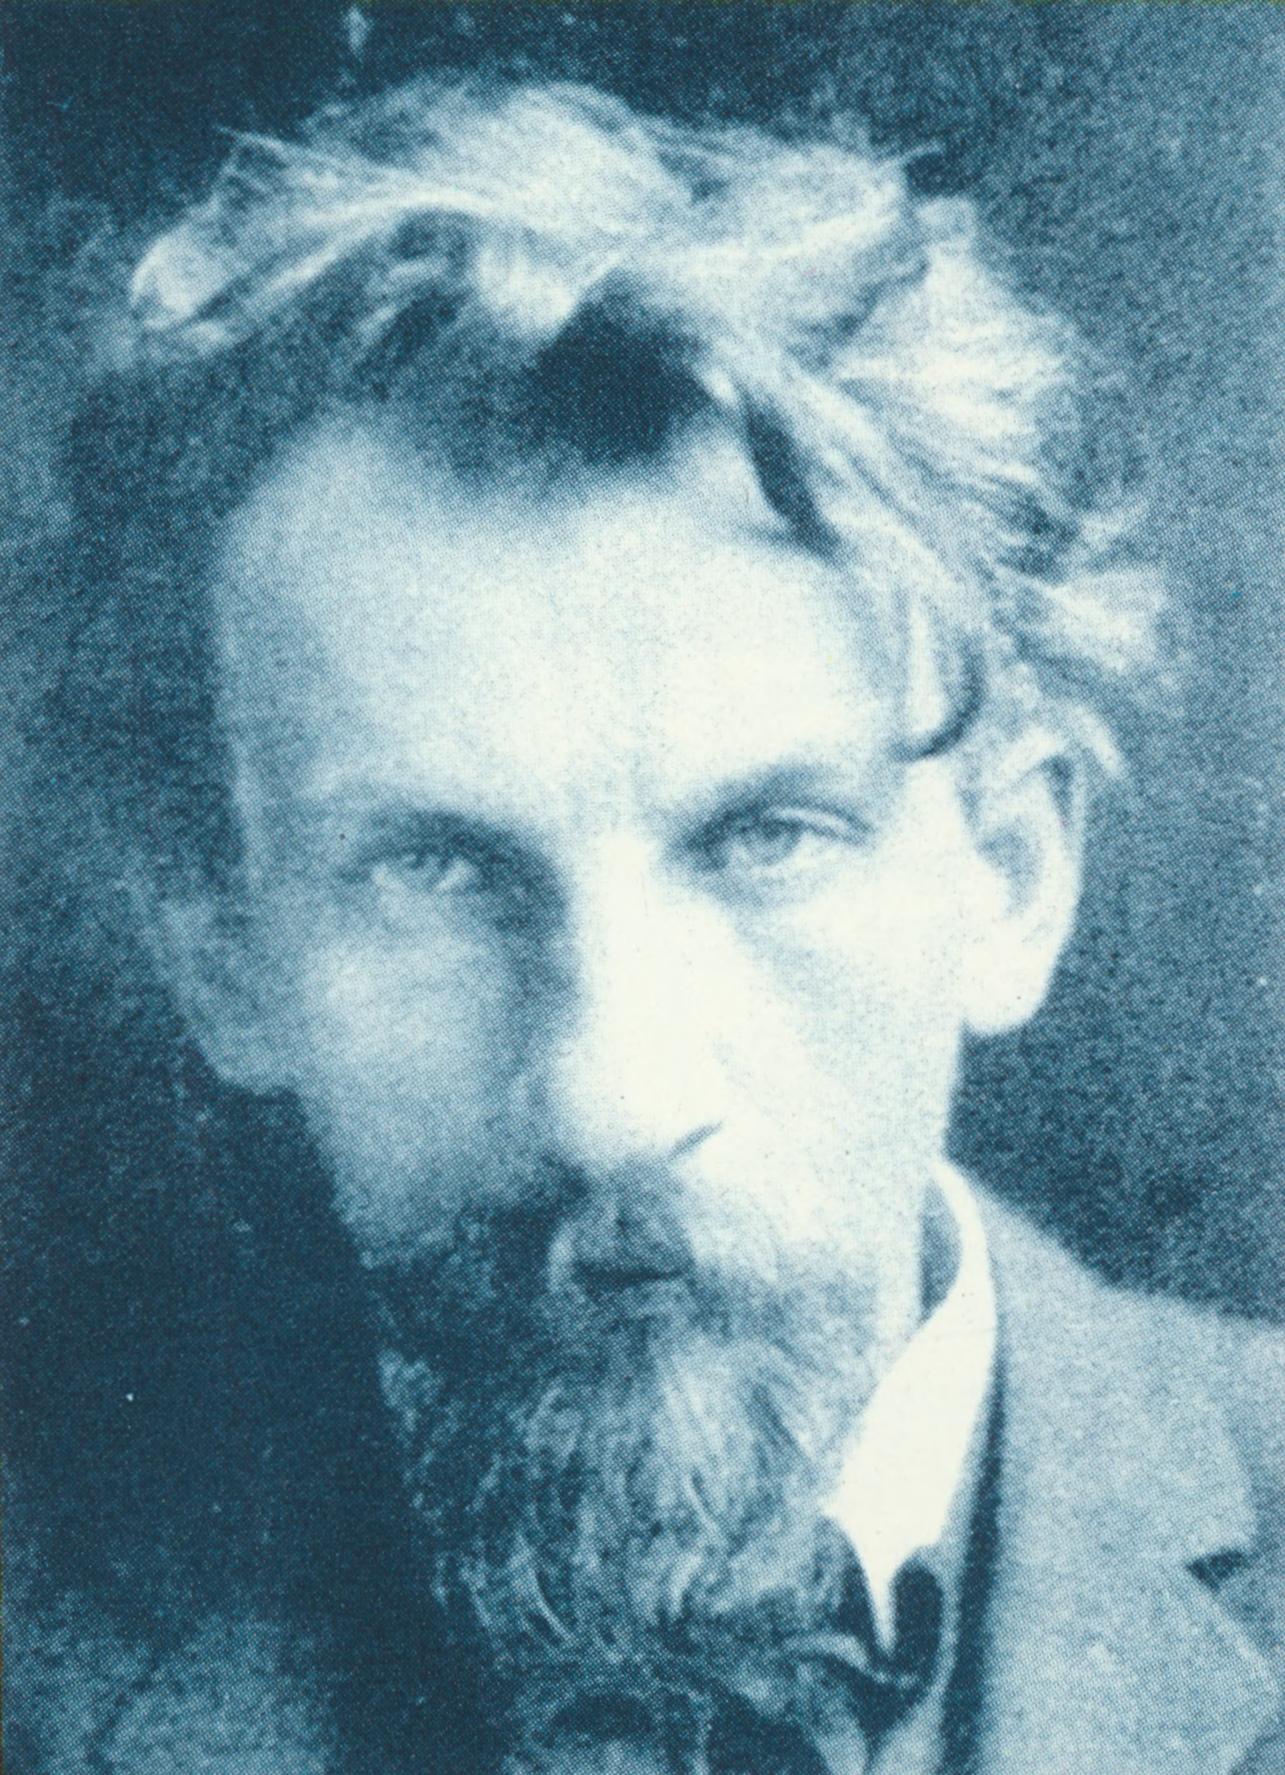 Hans PFITZNER, portrait d'origine inconnue